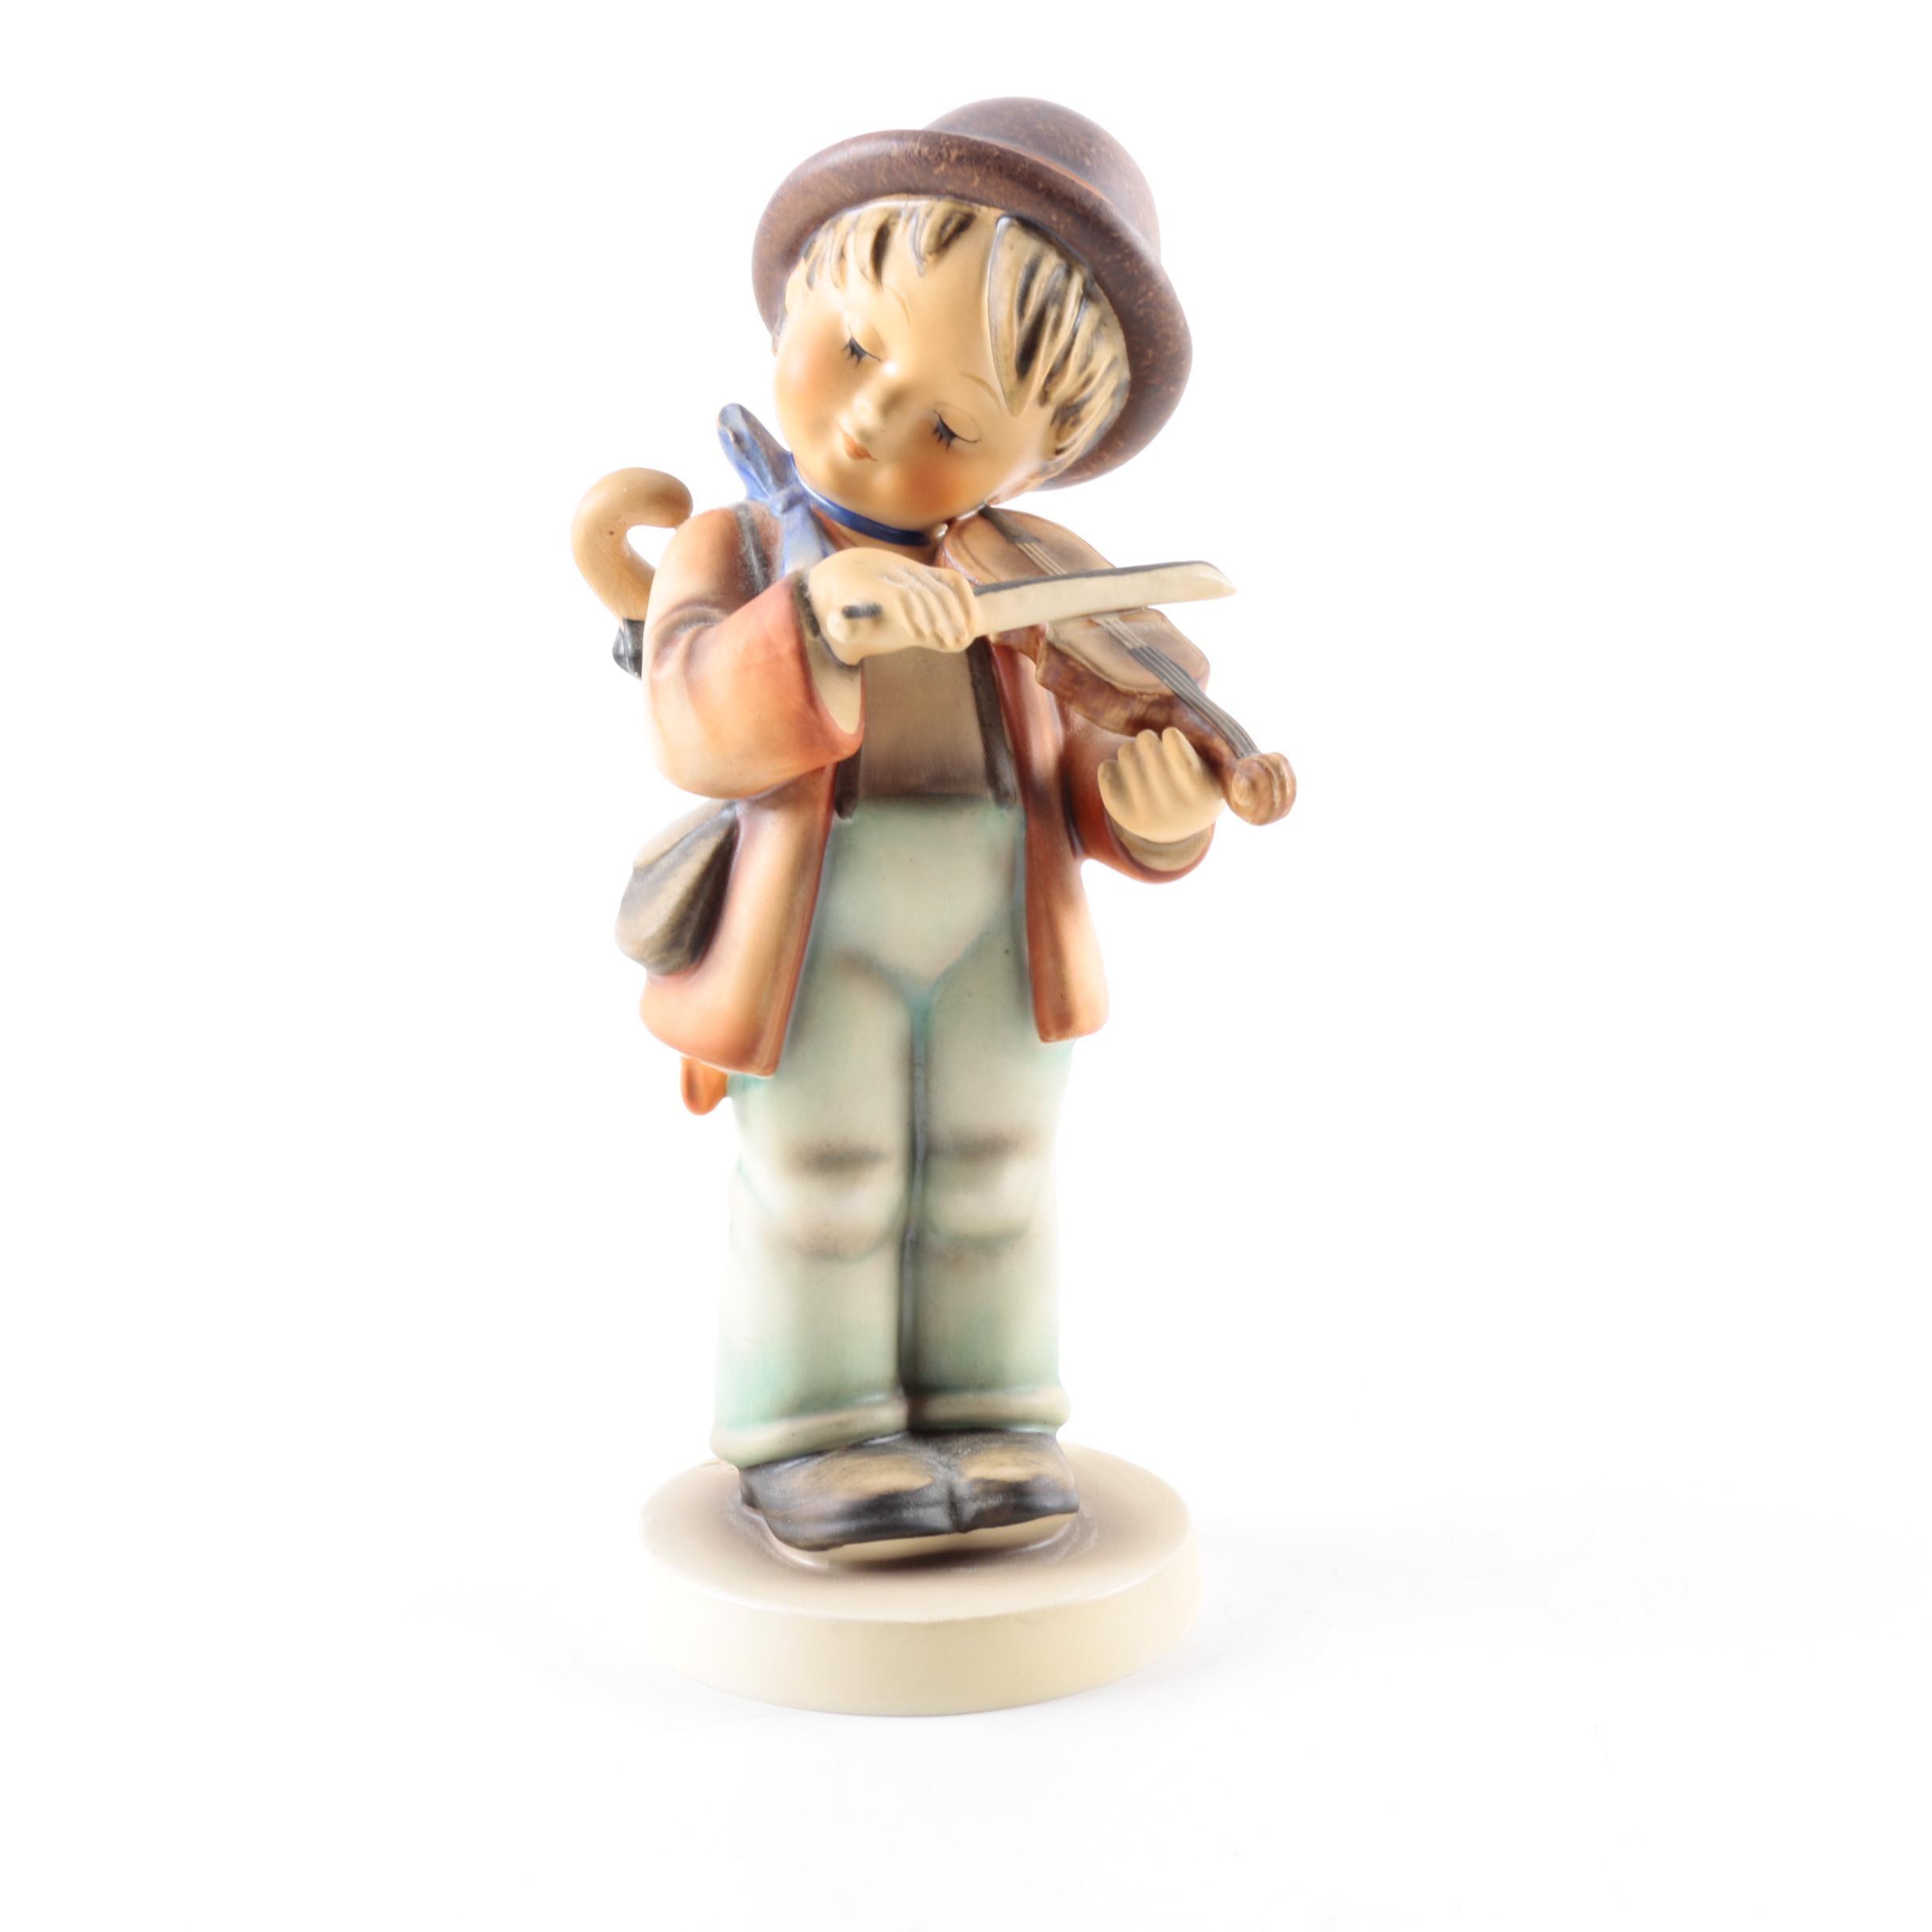 """Vintage Hummel """"Little Fiddler"""" Porcelain Figurine"""